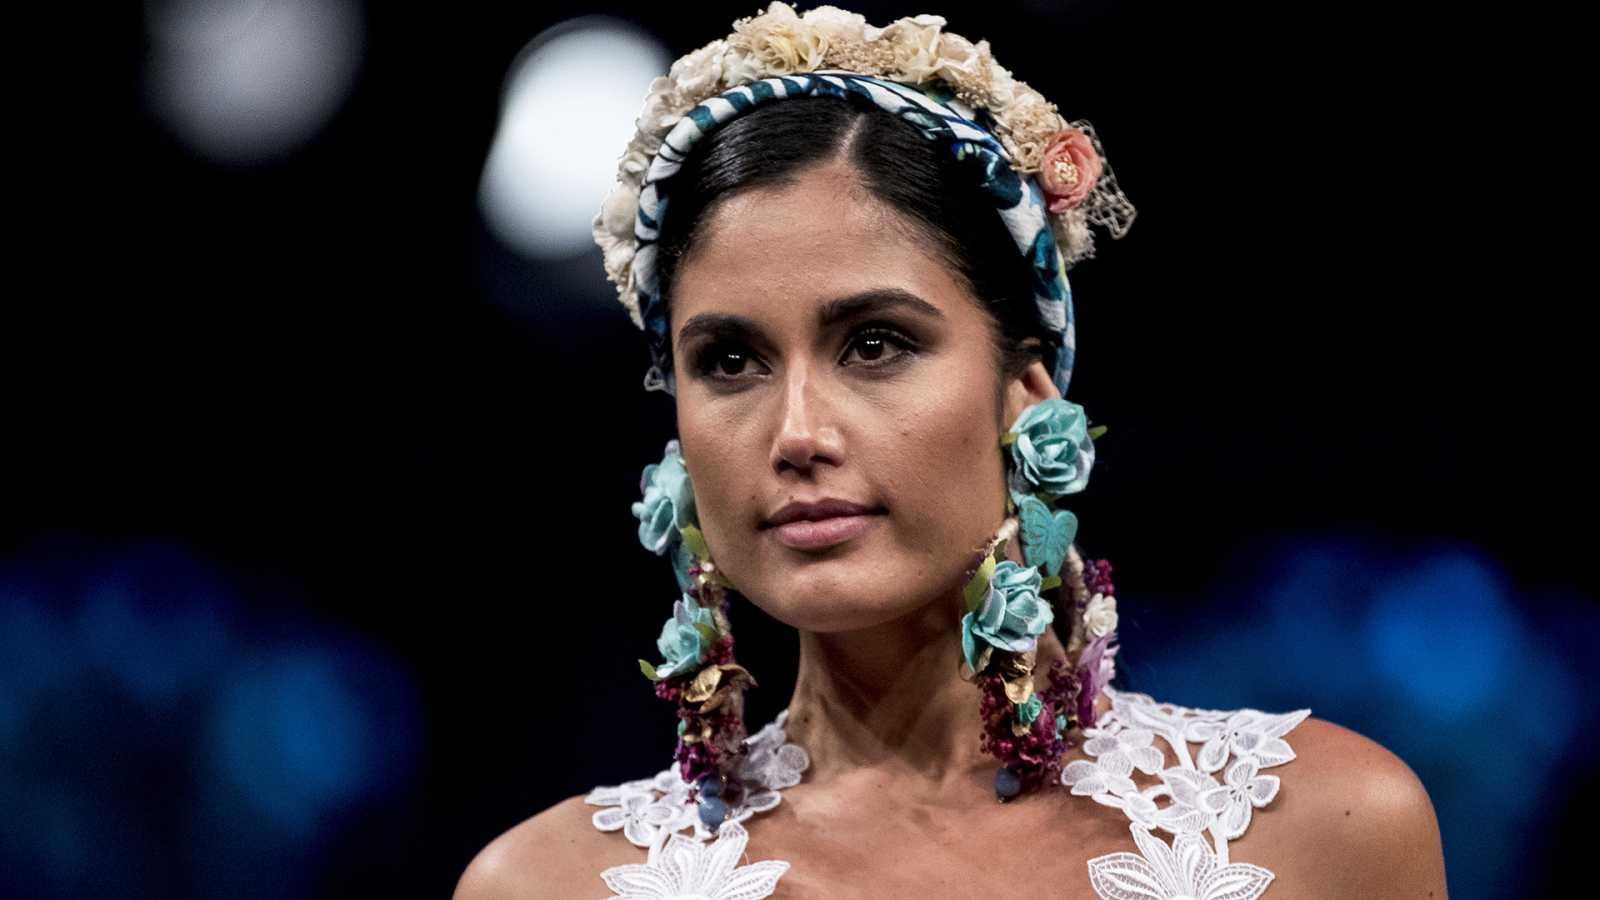 La modelo Patricia Yurena es discreta sobre su vida privada